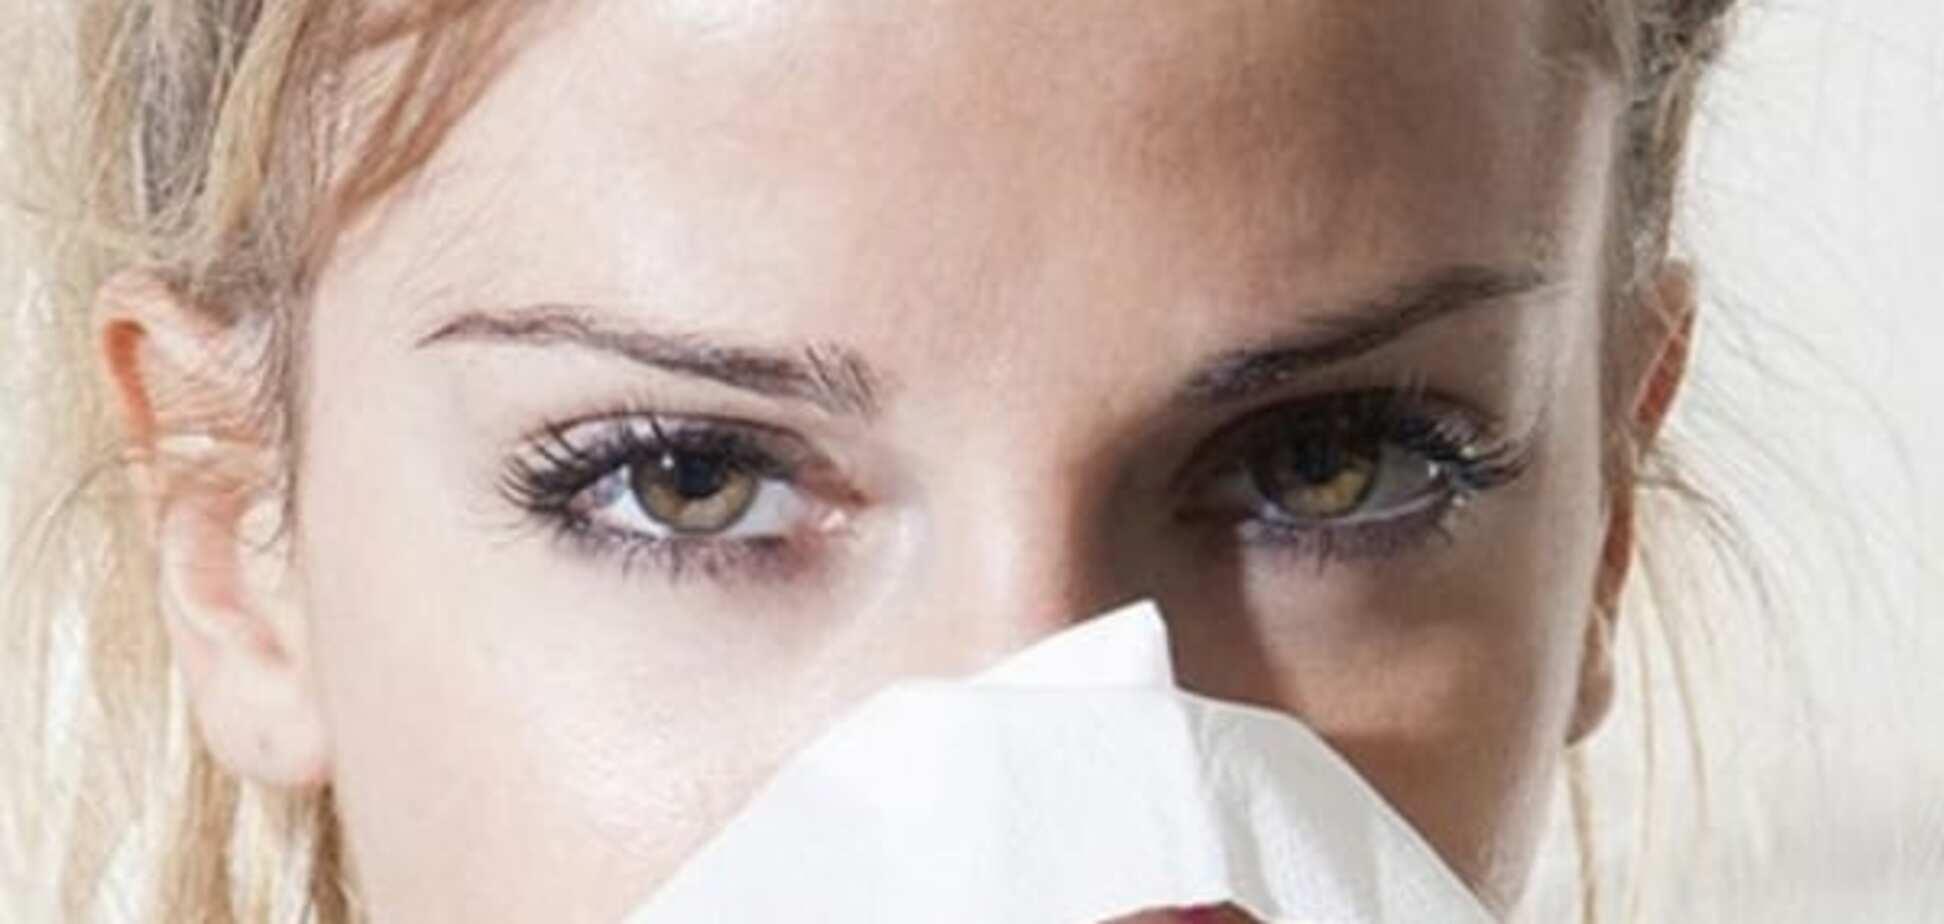 Как не подхватить вирус, когда в офисе все чихают: полезные советы